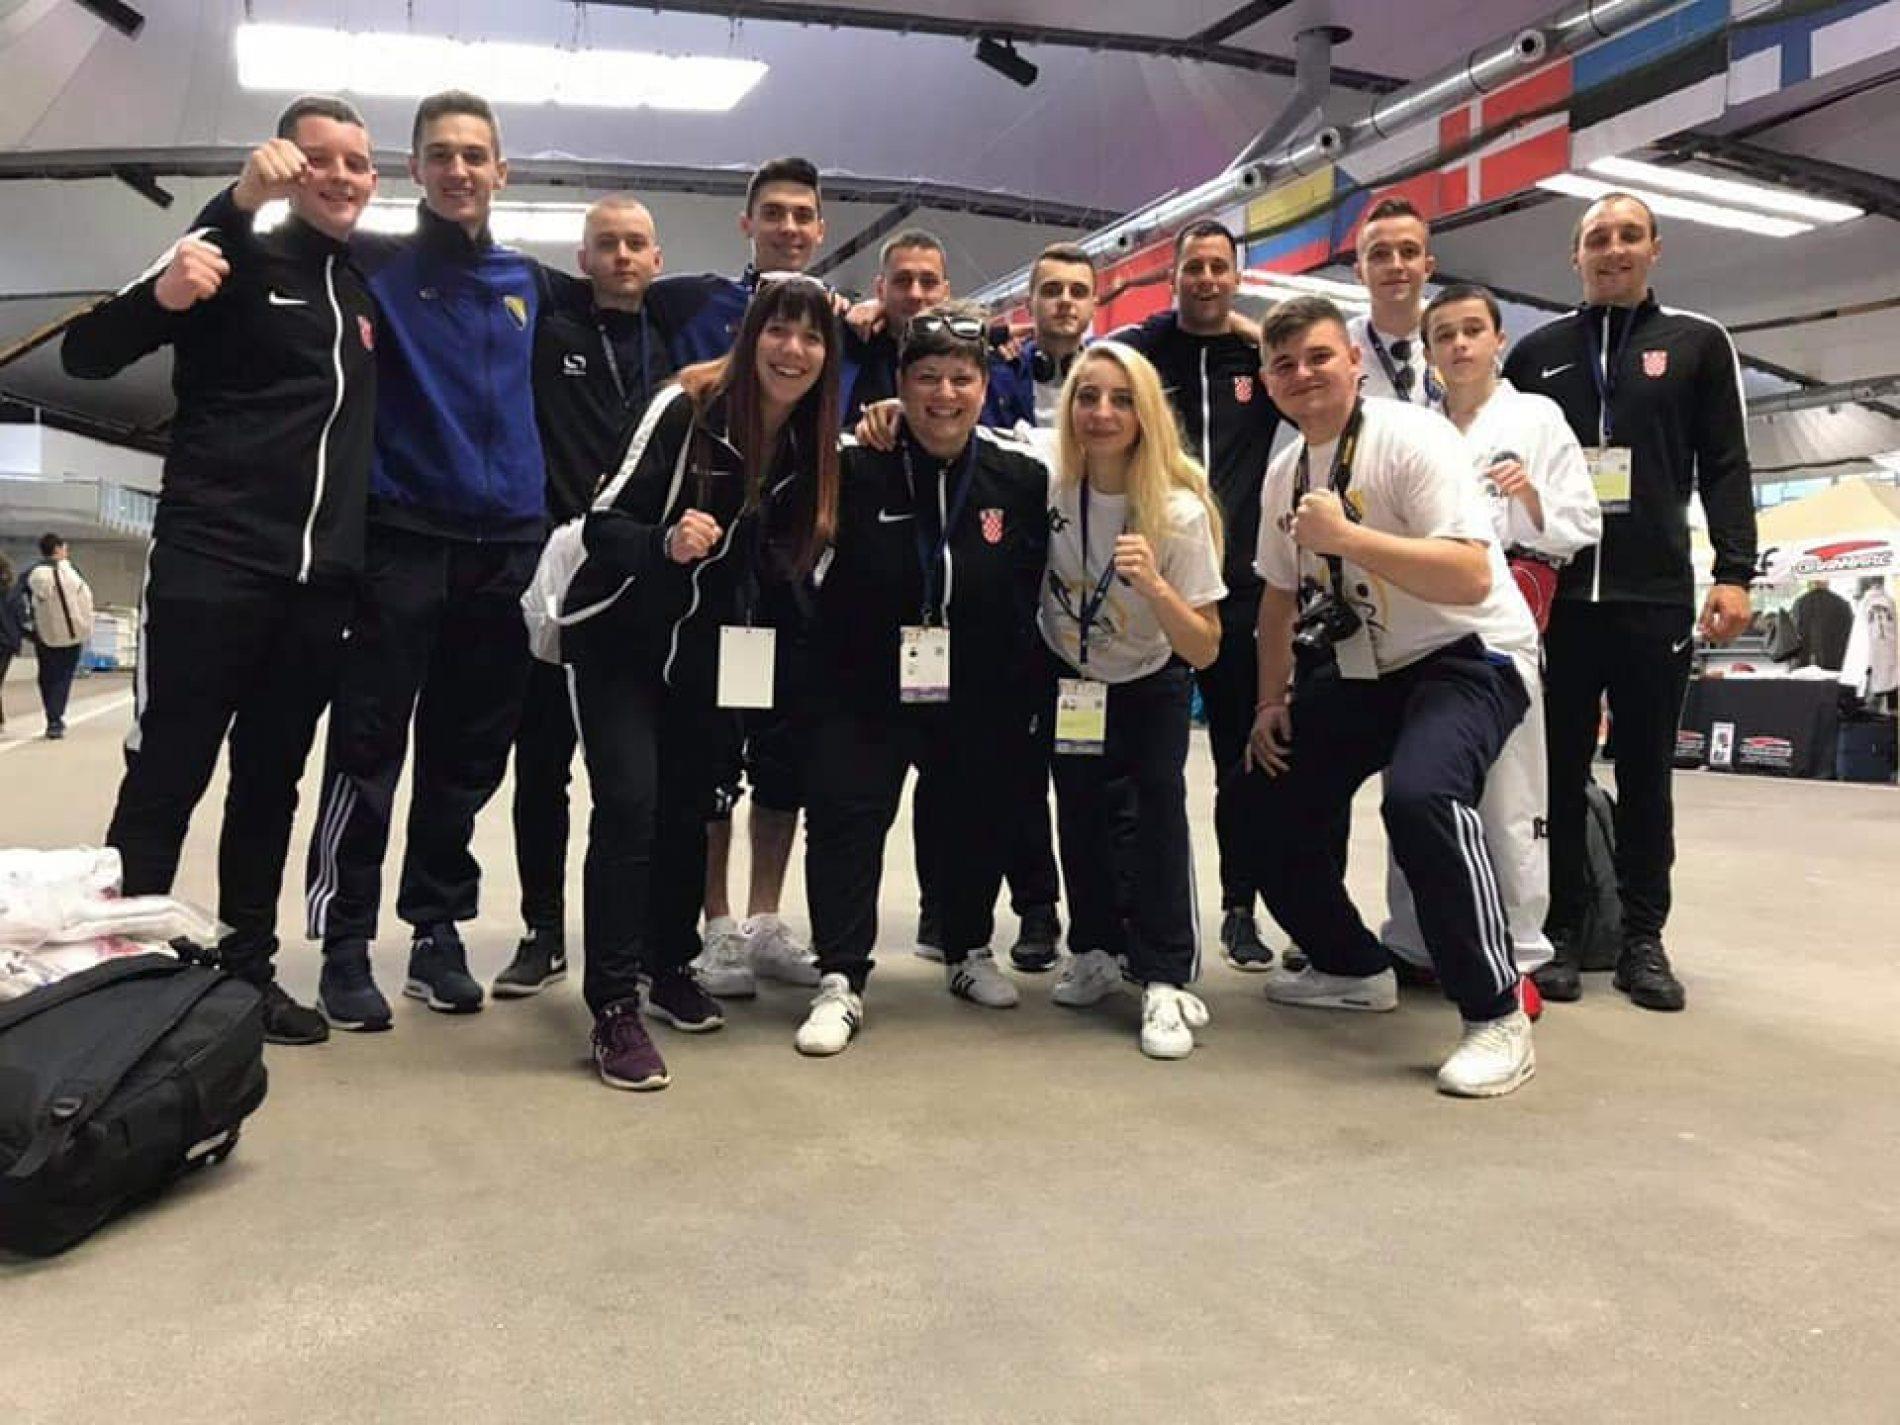 Bosanski taekwondo reprezentativci iz Bužima osvojili srebro i bronzu na Svjetskom prvenstvu!